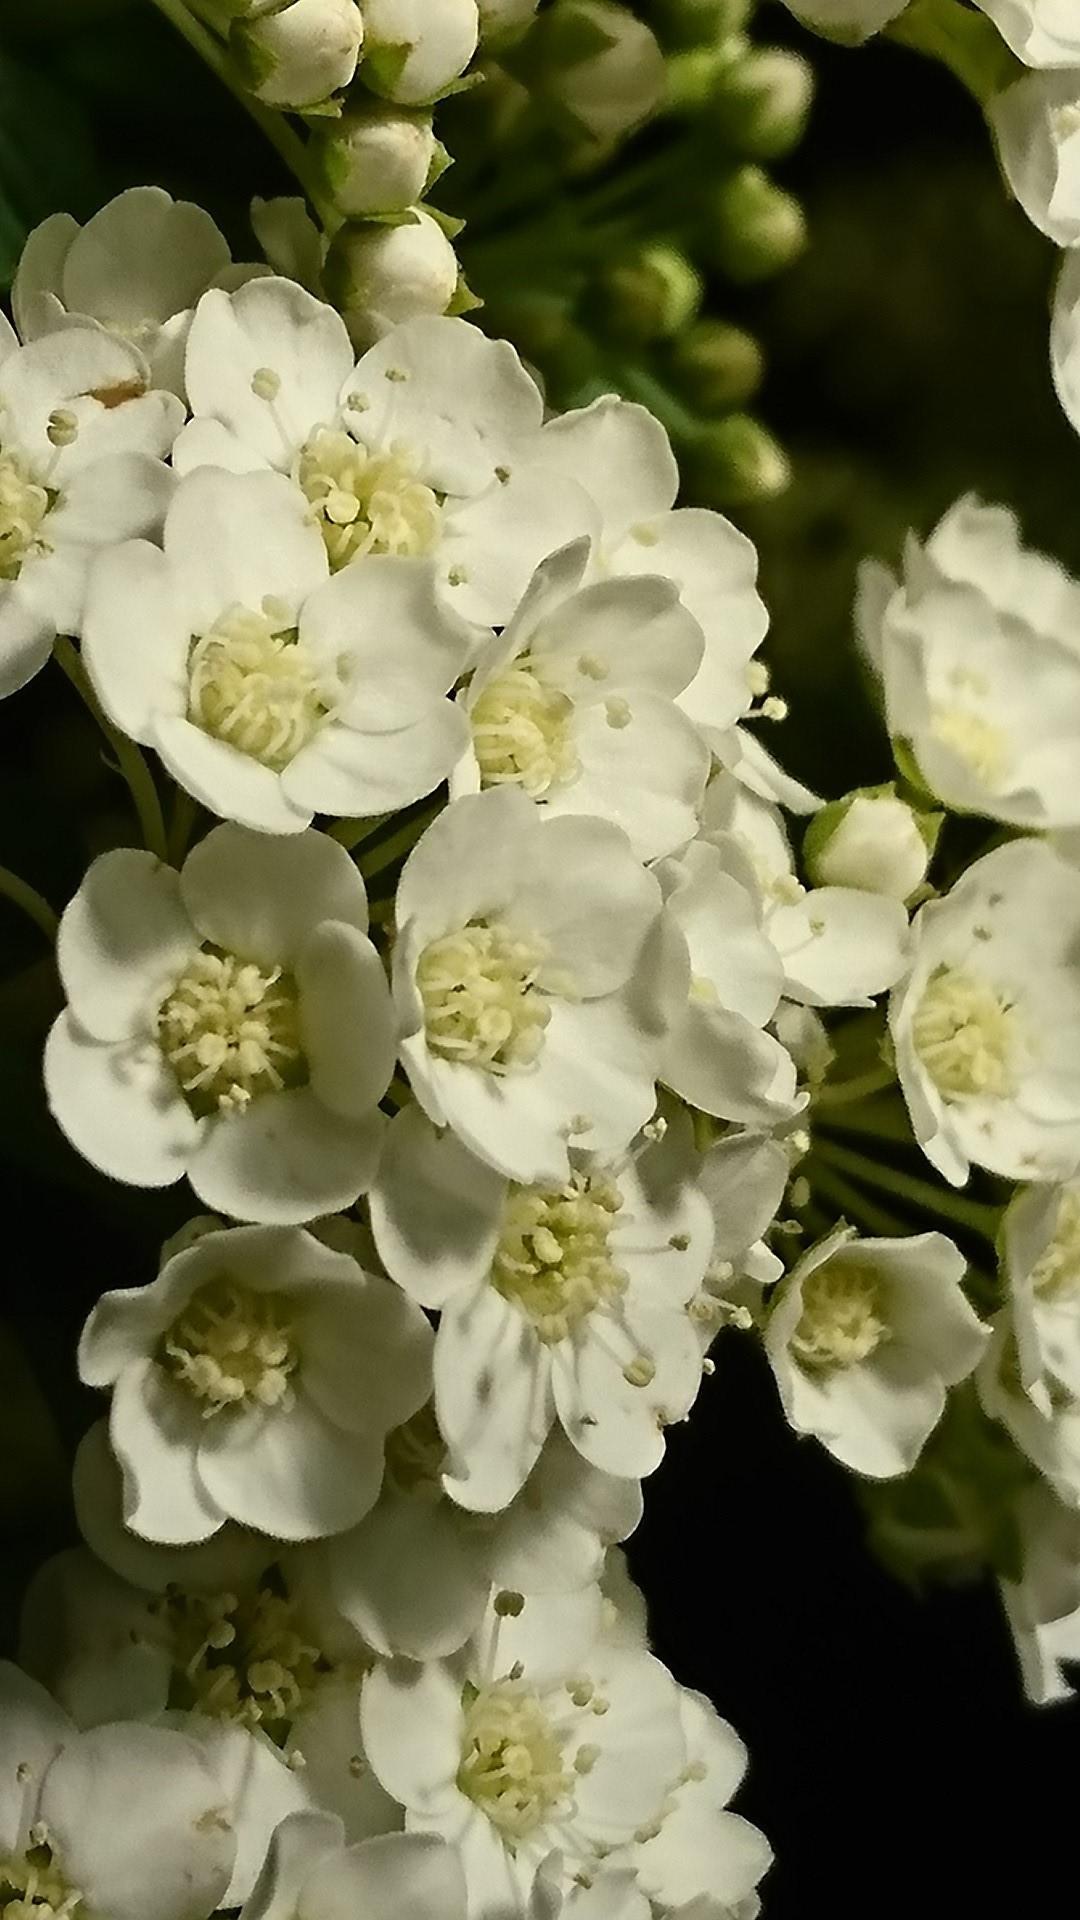 祭壇の花を見て季節を感じる(佐伯市の中央葬祭社)